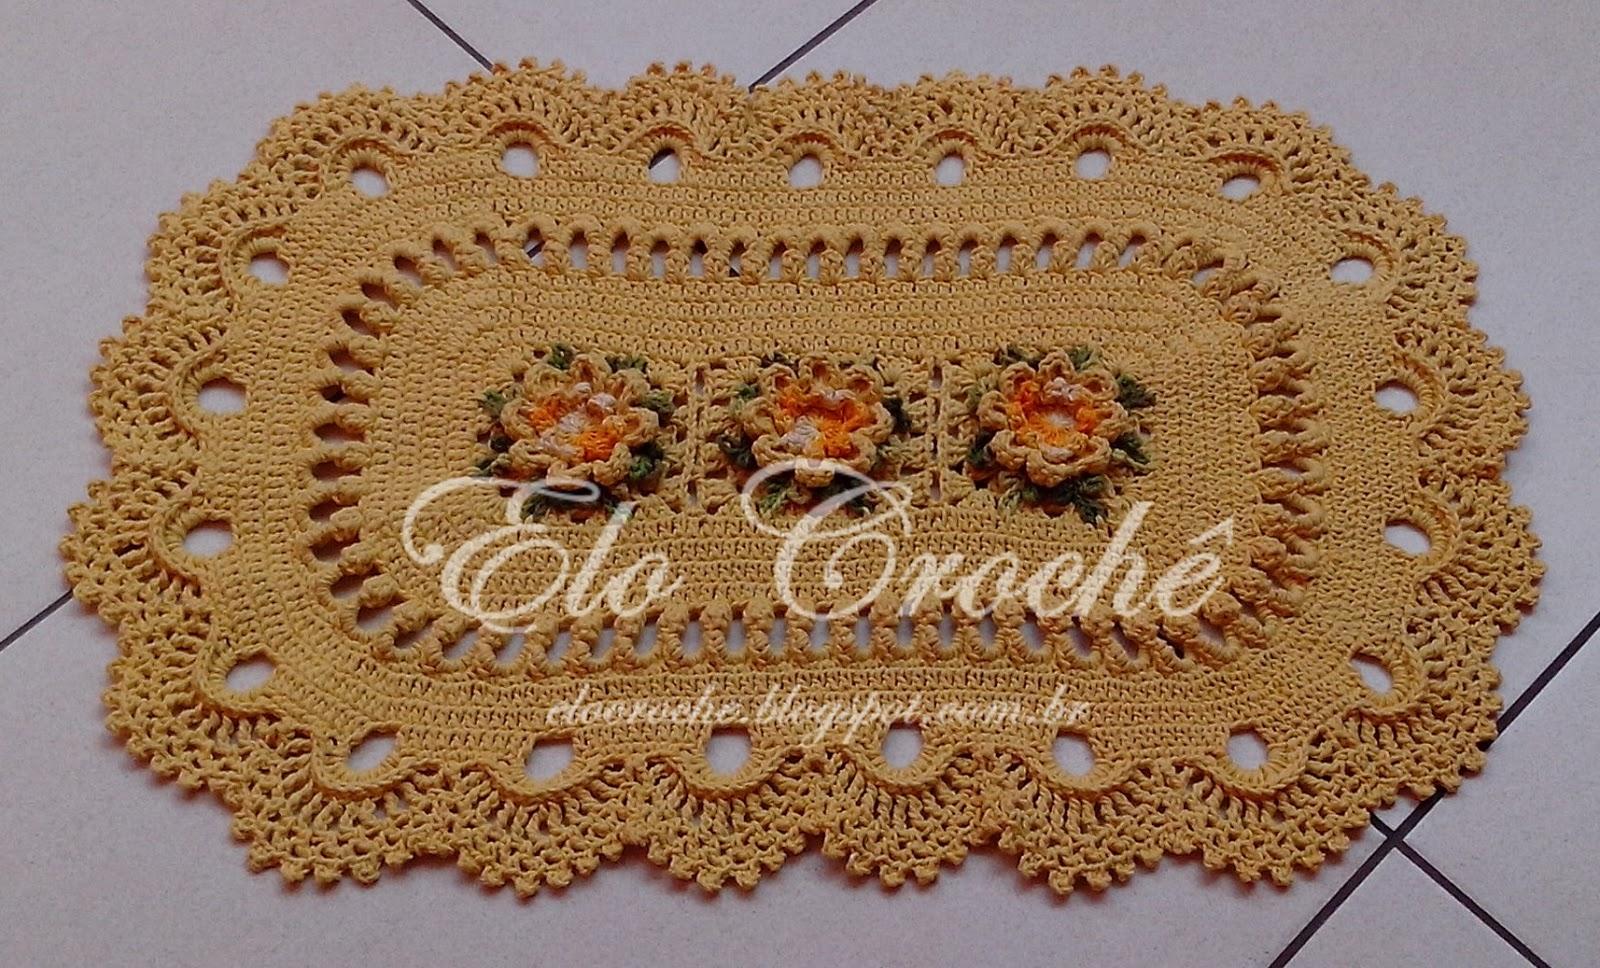 passo da flor de crochê luxo passo a passo do ponto de crochê elo  #3D1910 1600 968